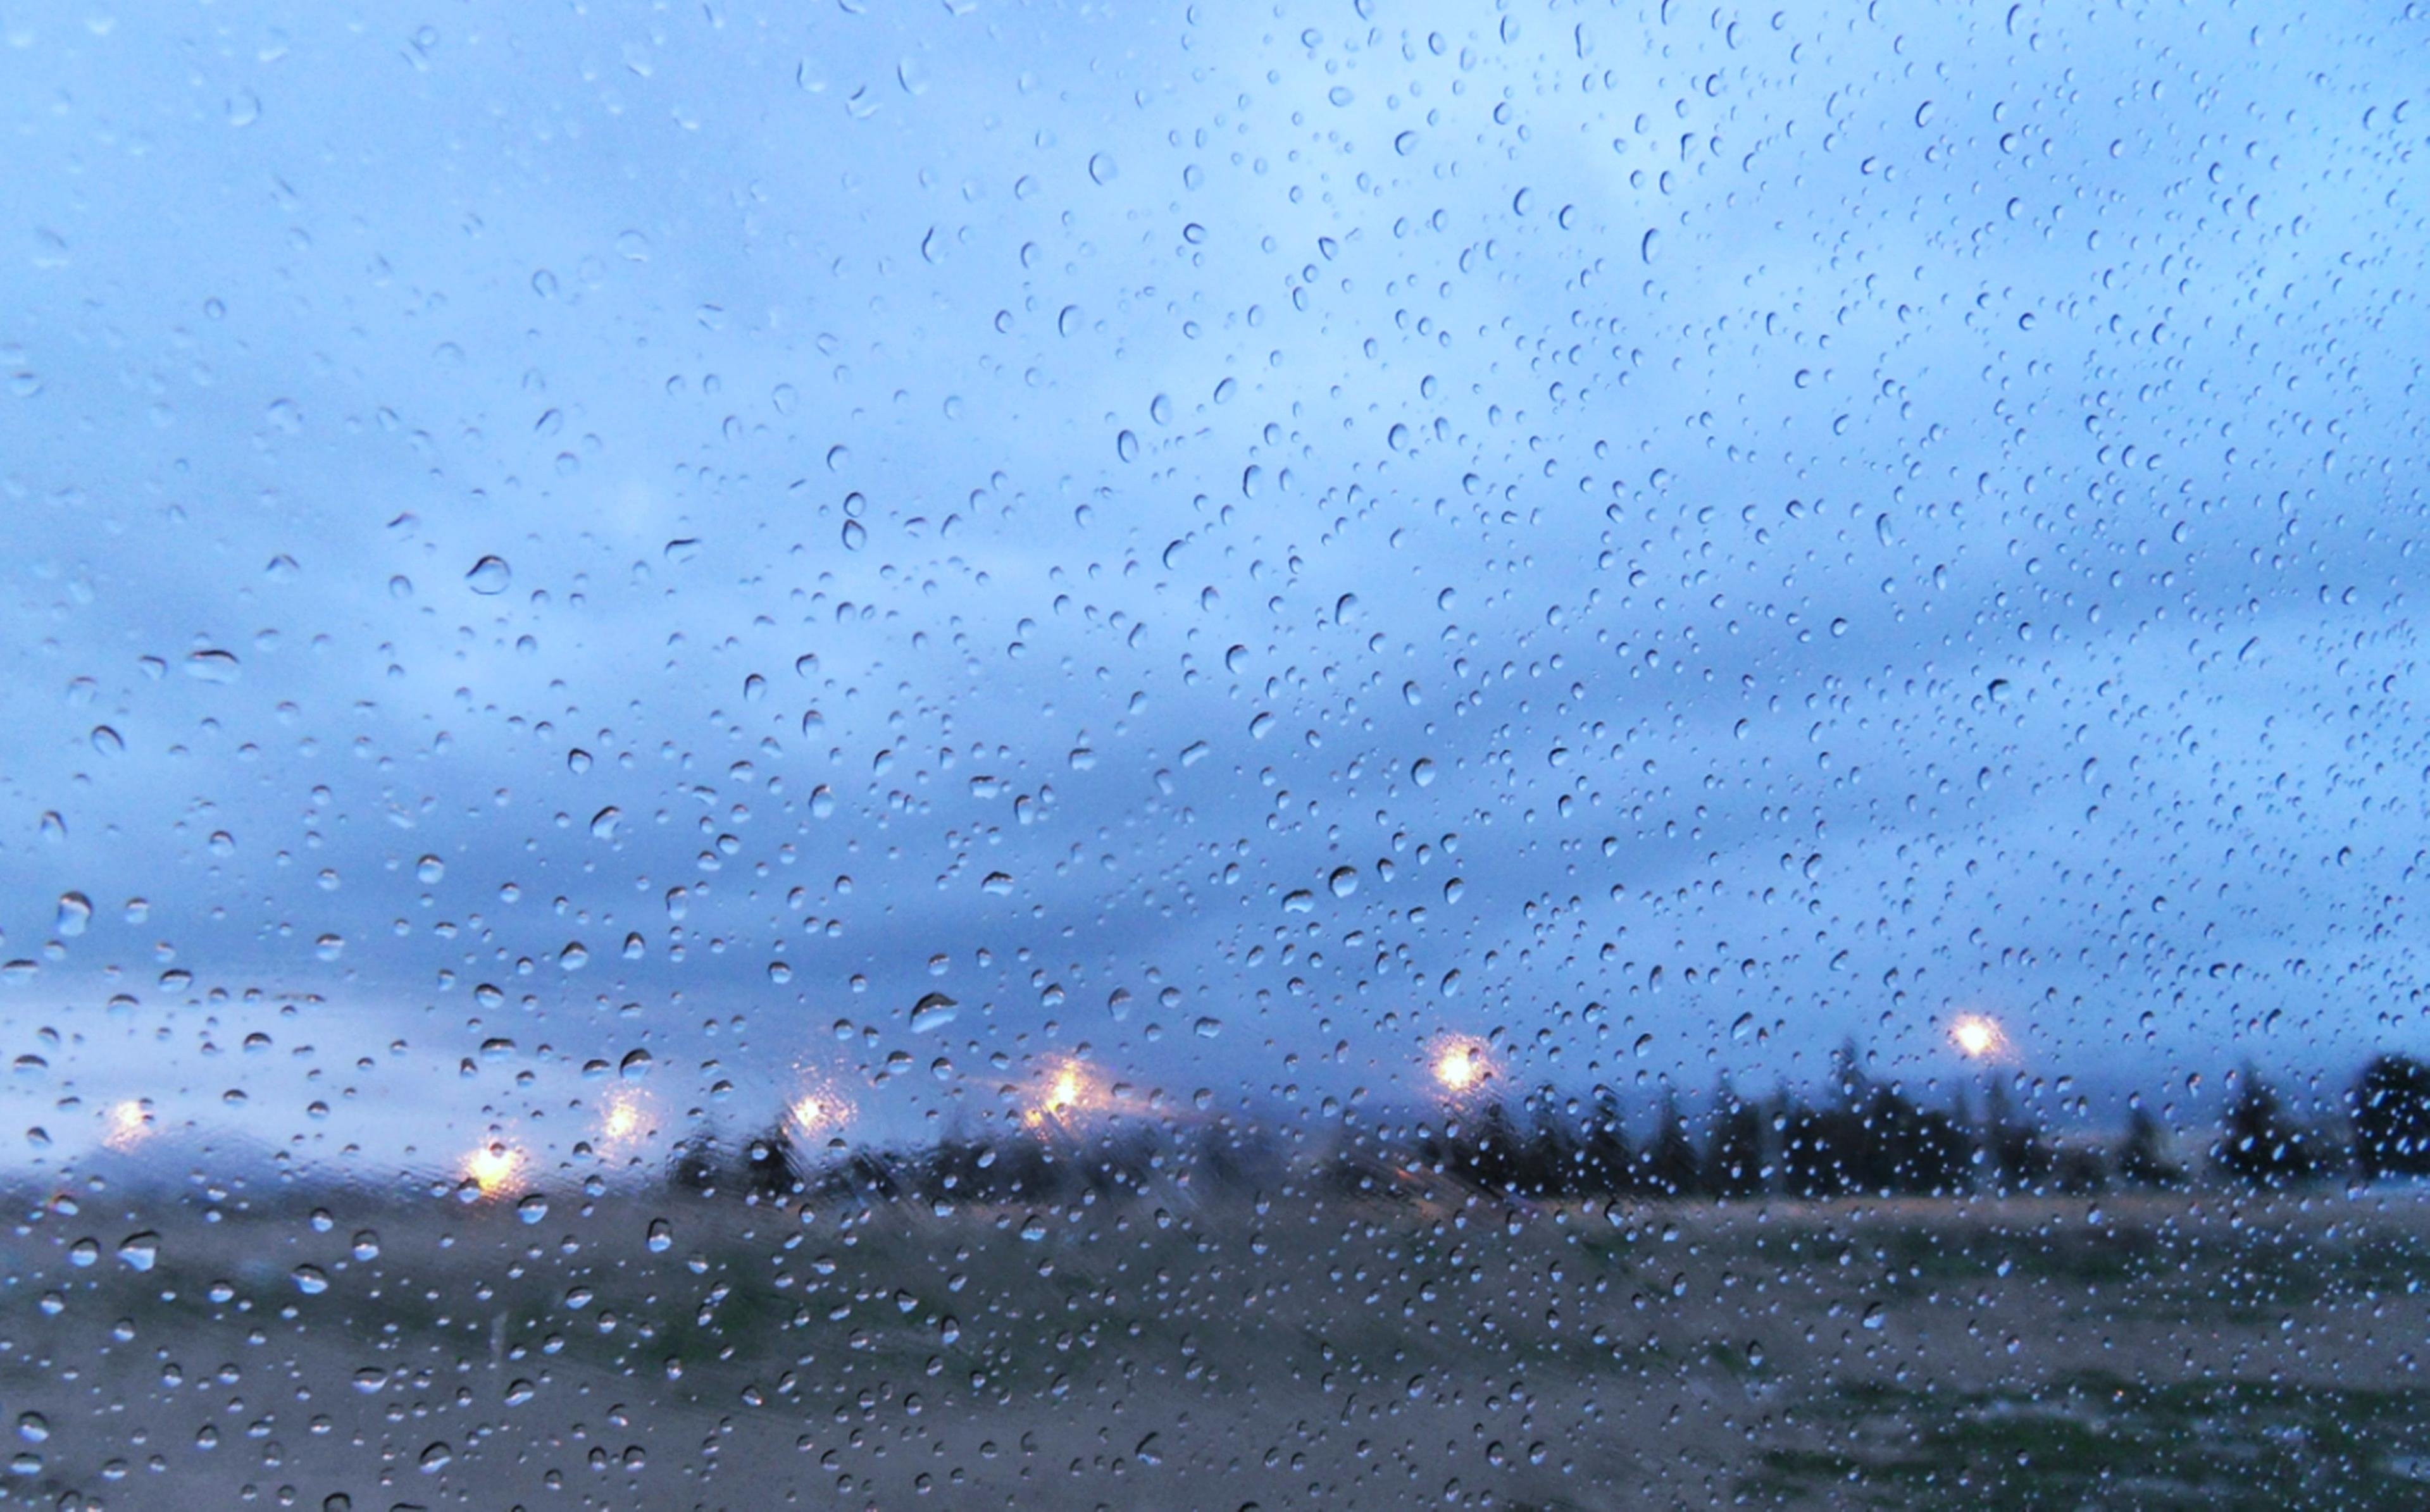 rainy day 4k wallpaper - photo #6